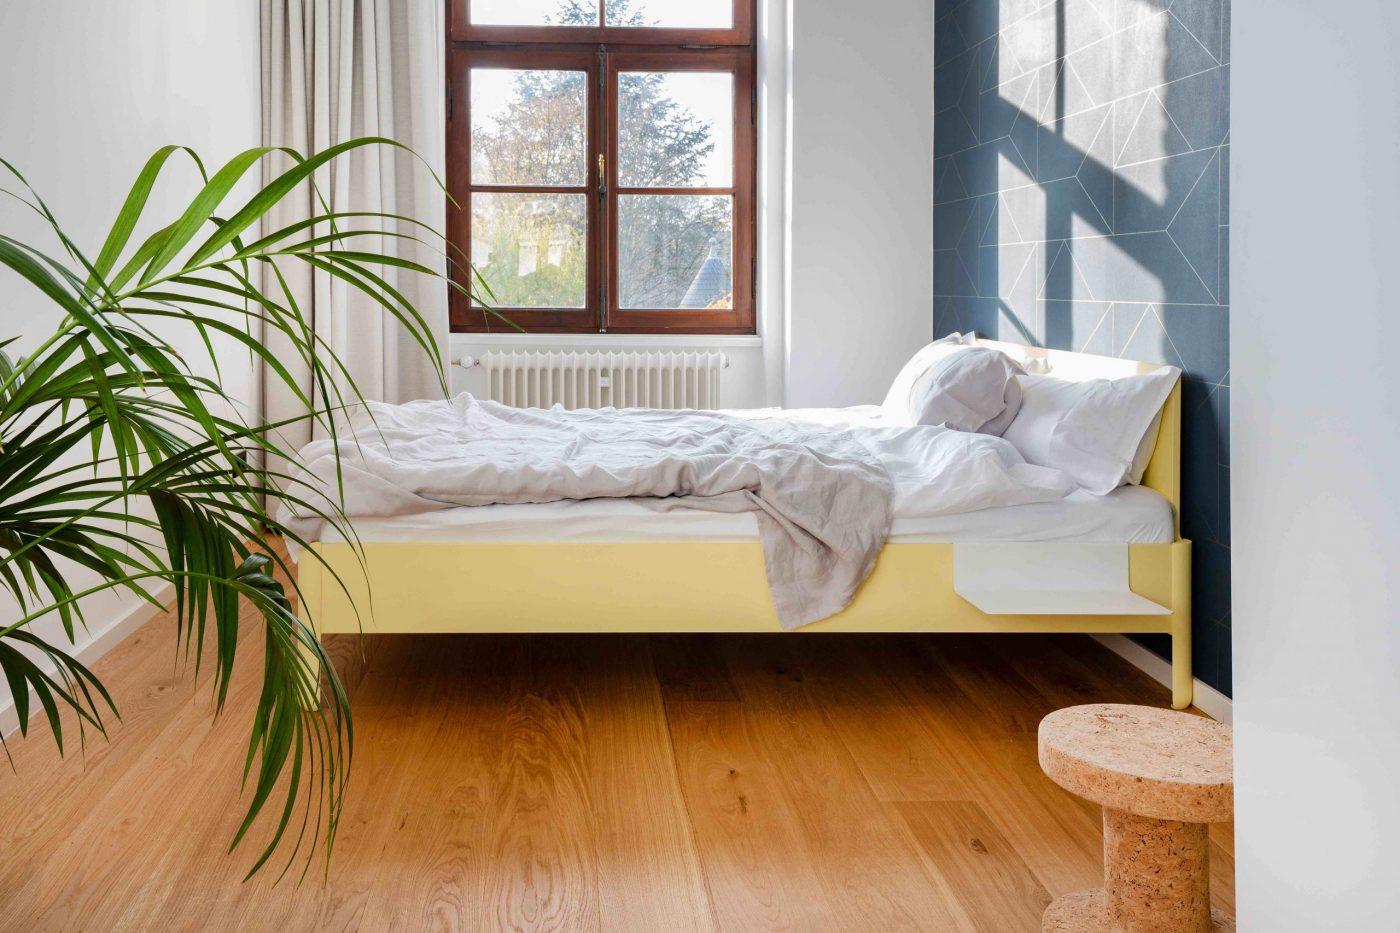 mathes_magazin_homestory_dietzwohnung_003